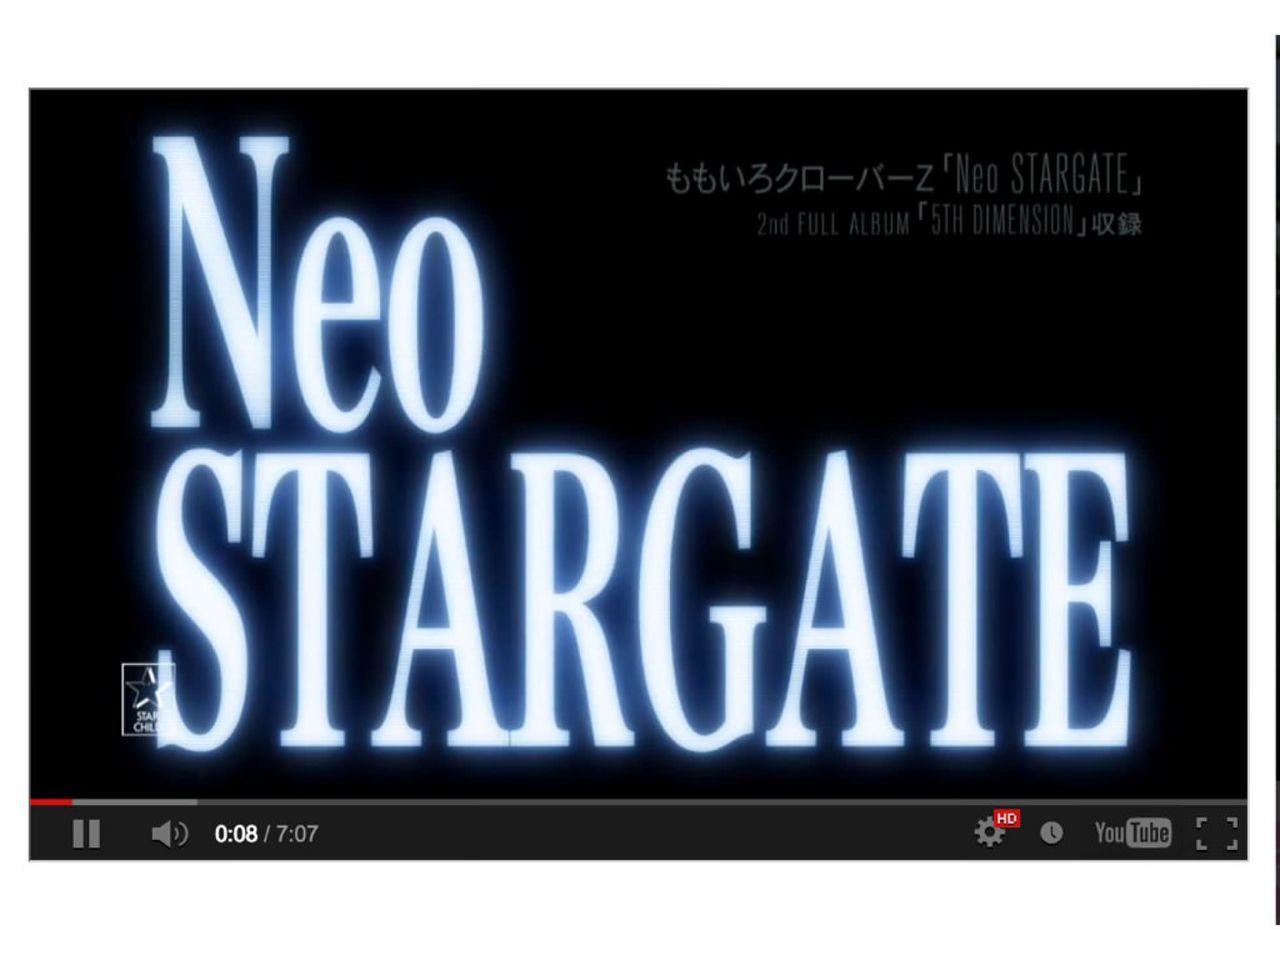 Neo STARGATE